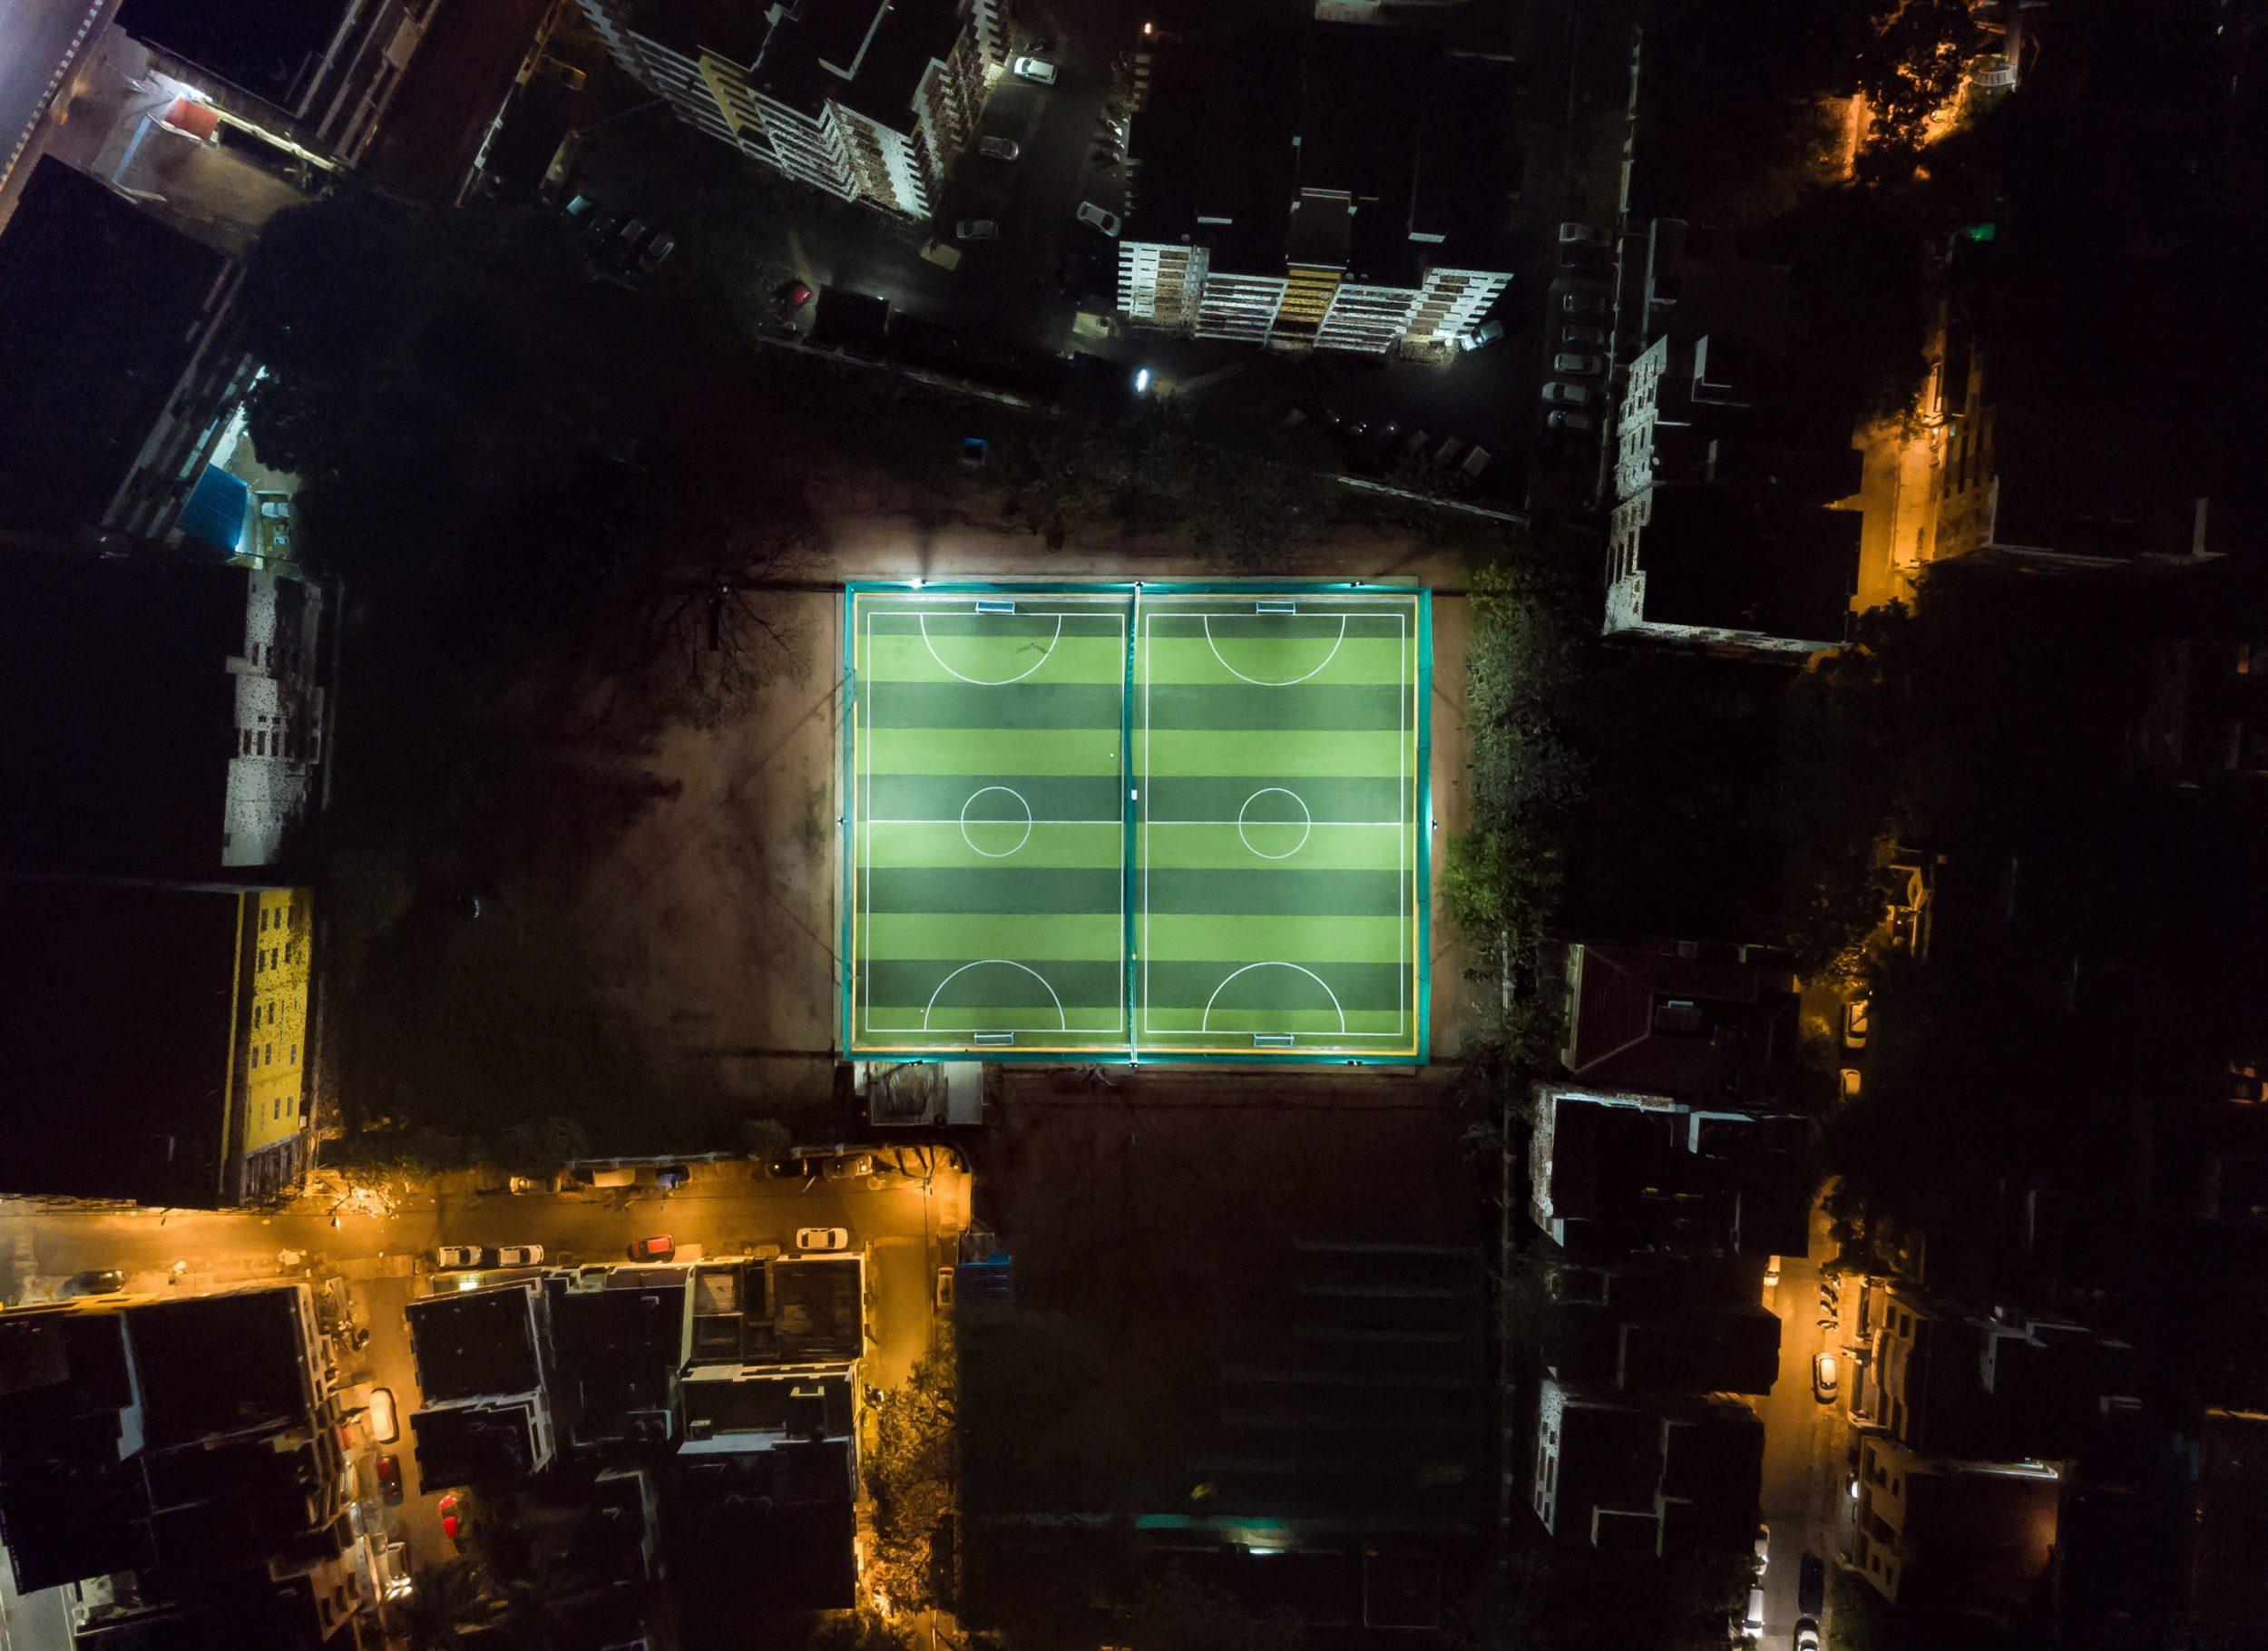 Il giorno zero del calcio italiano. La necessità di ripensare un intero movimento